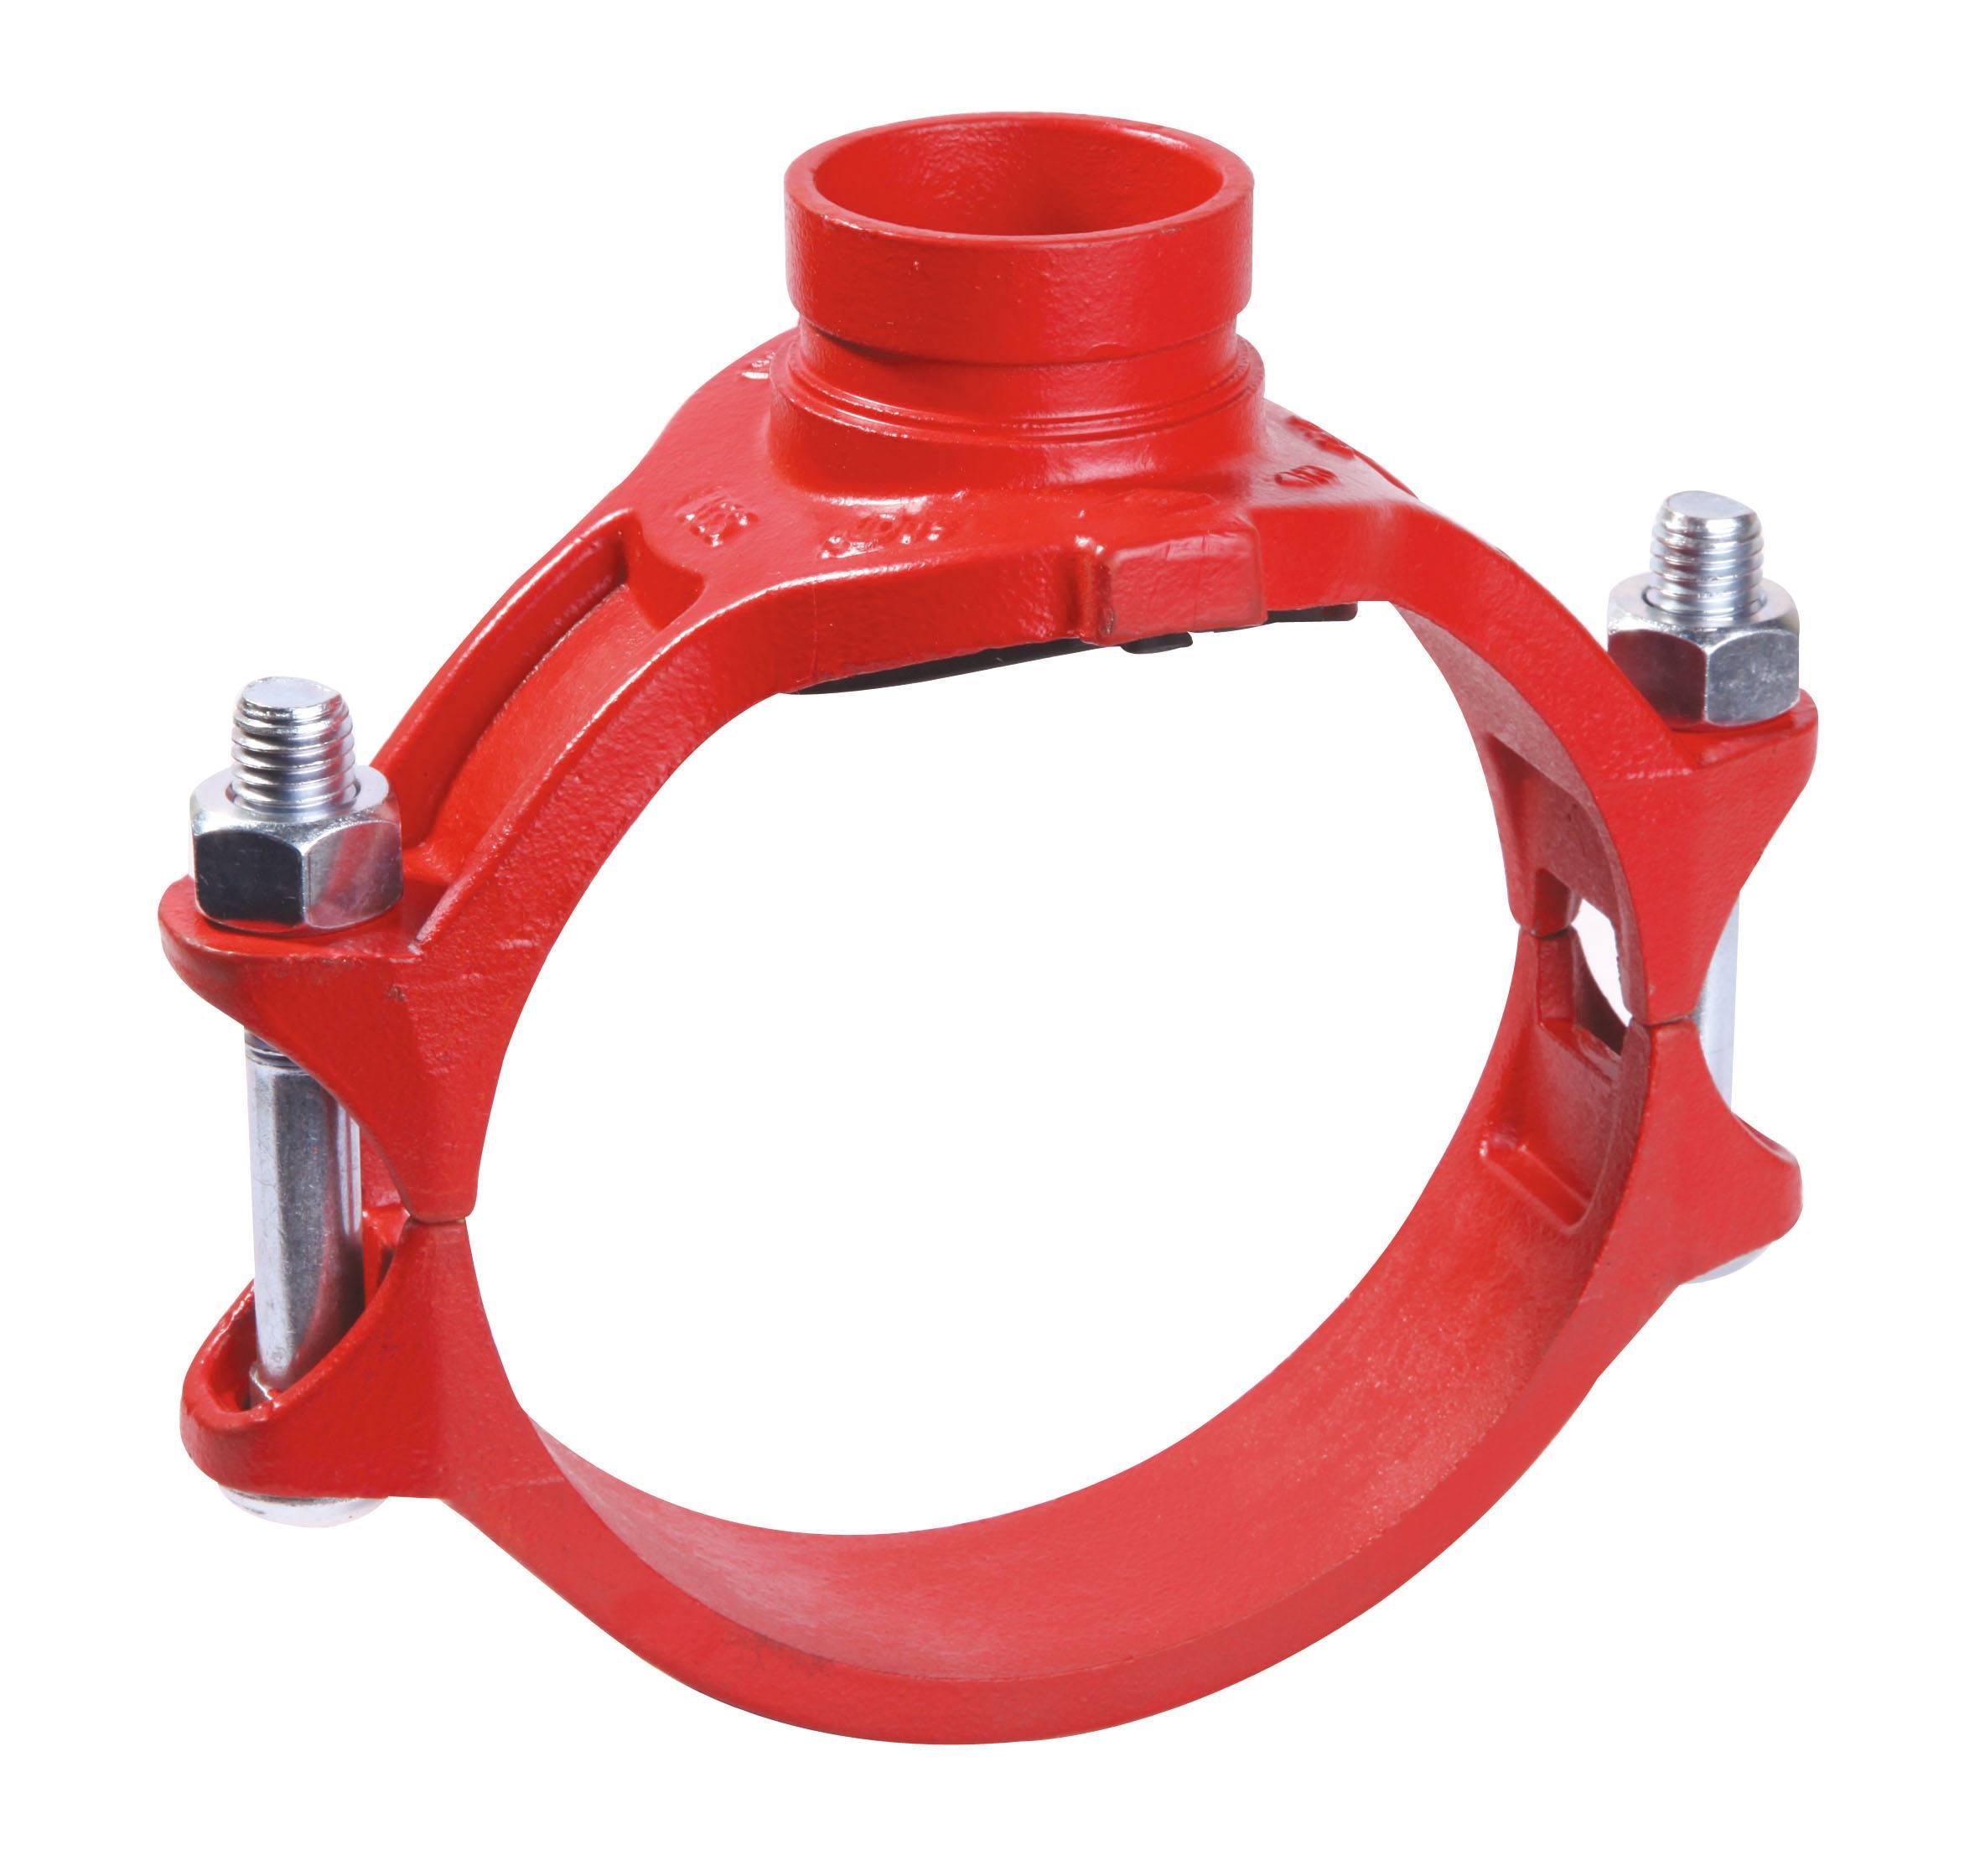 沈阳消防管件规格-质量好的消防管件供应信息